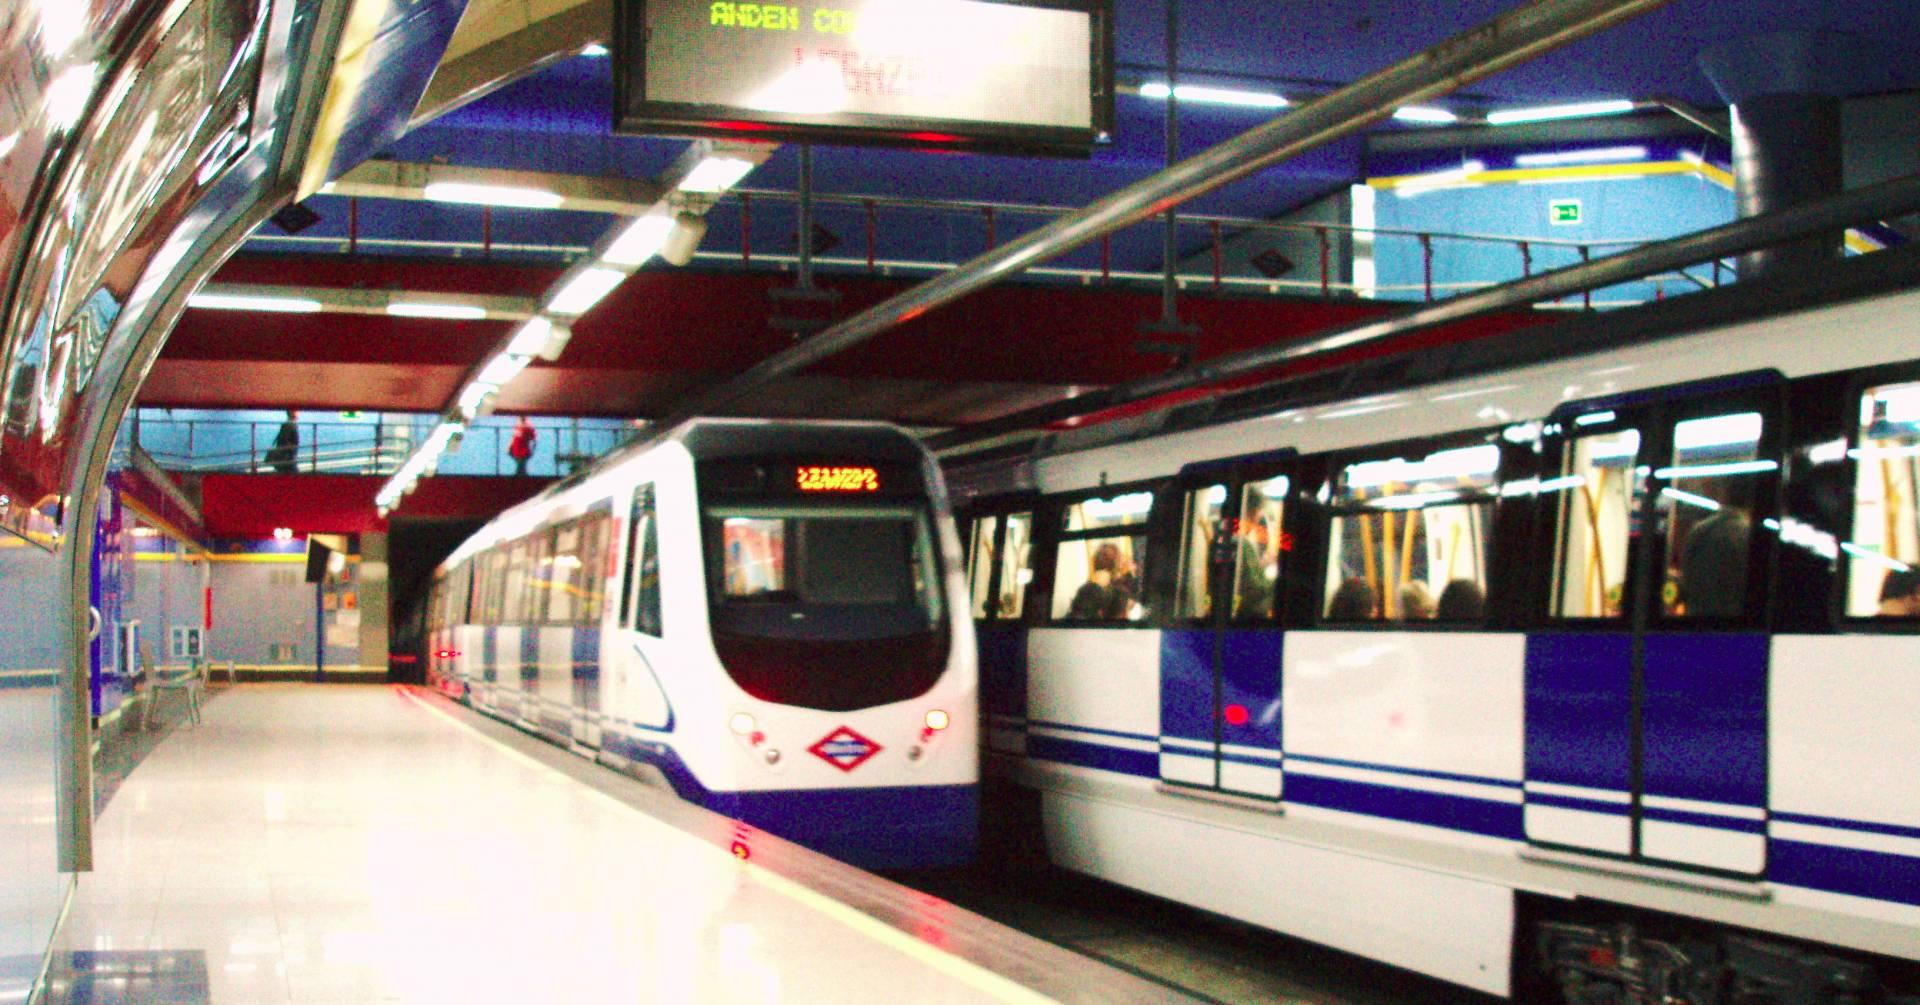 Trenes de la serie 3000, como los que irán a la línea 5, en Ventura Rodríguez. Foto: Benedicto16.